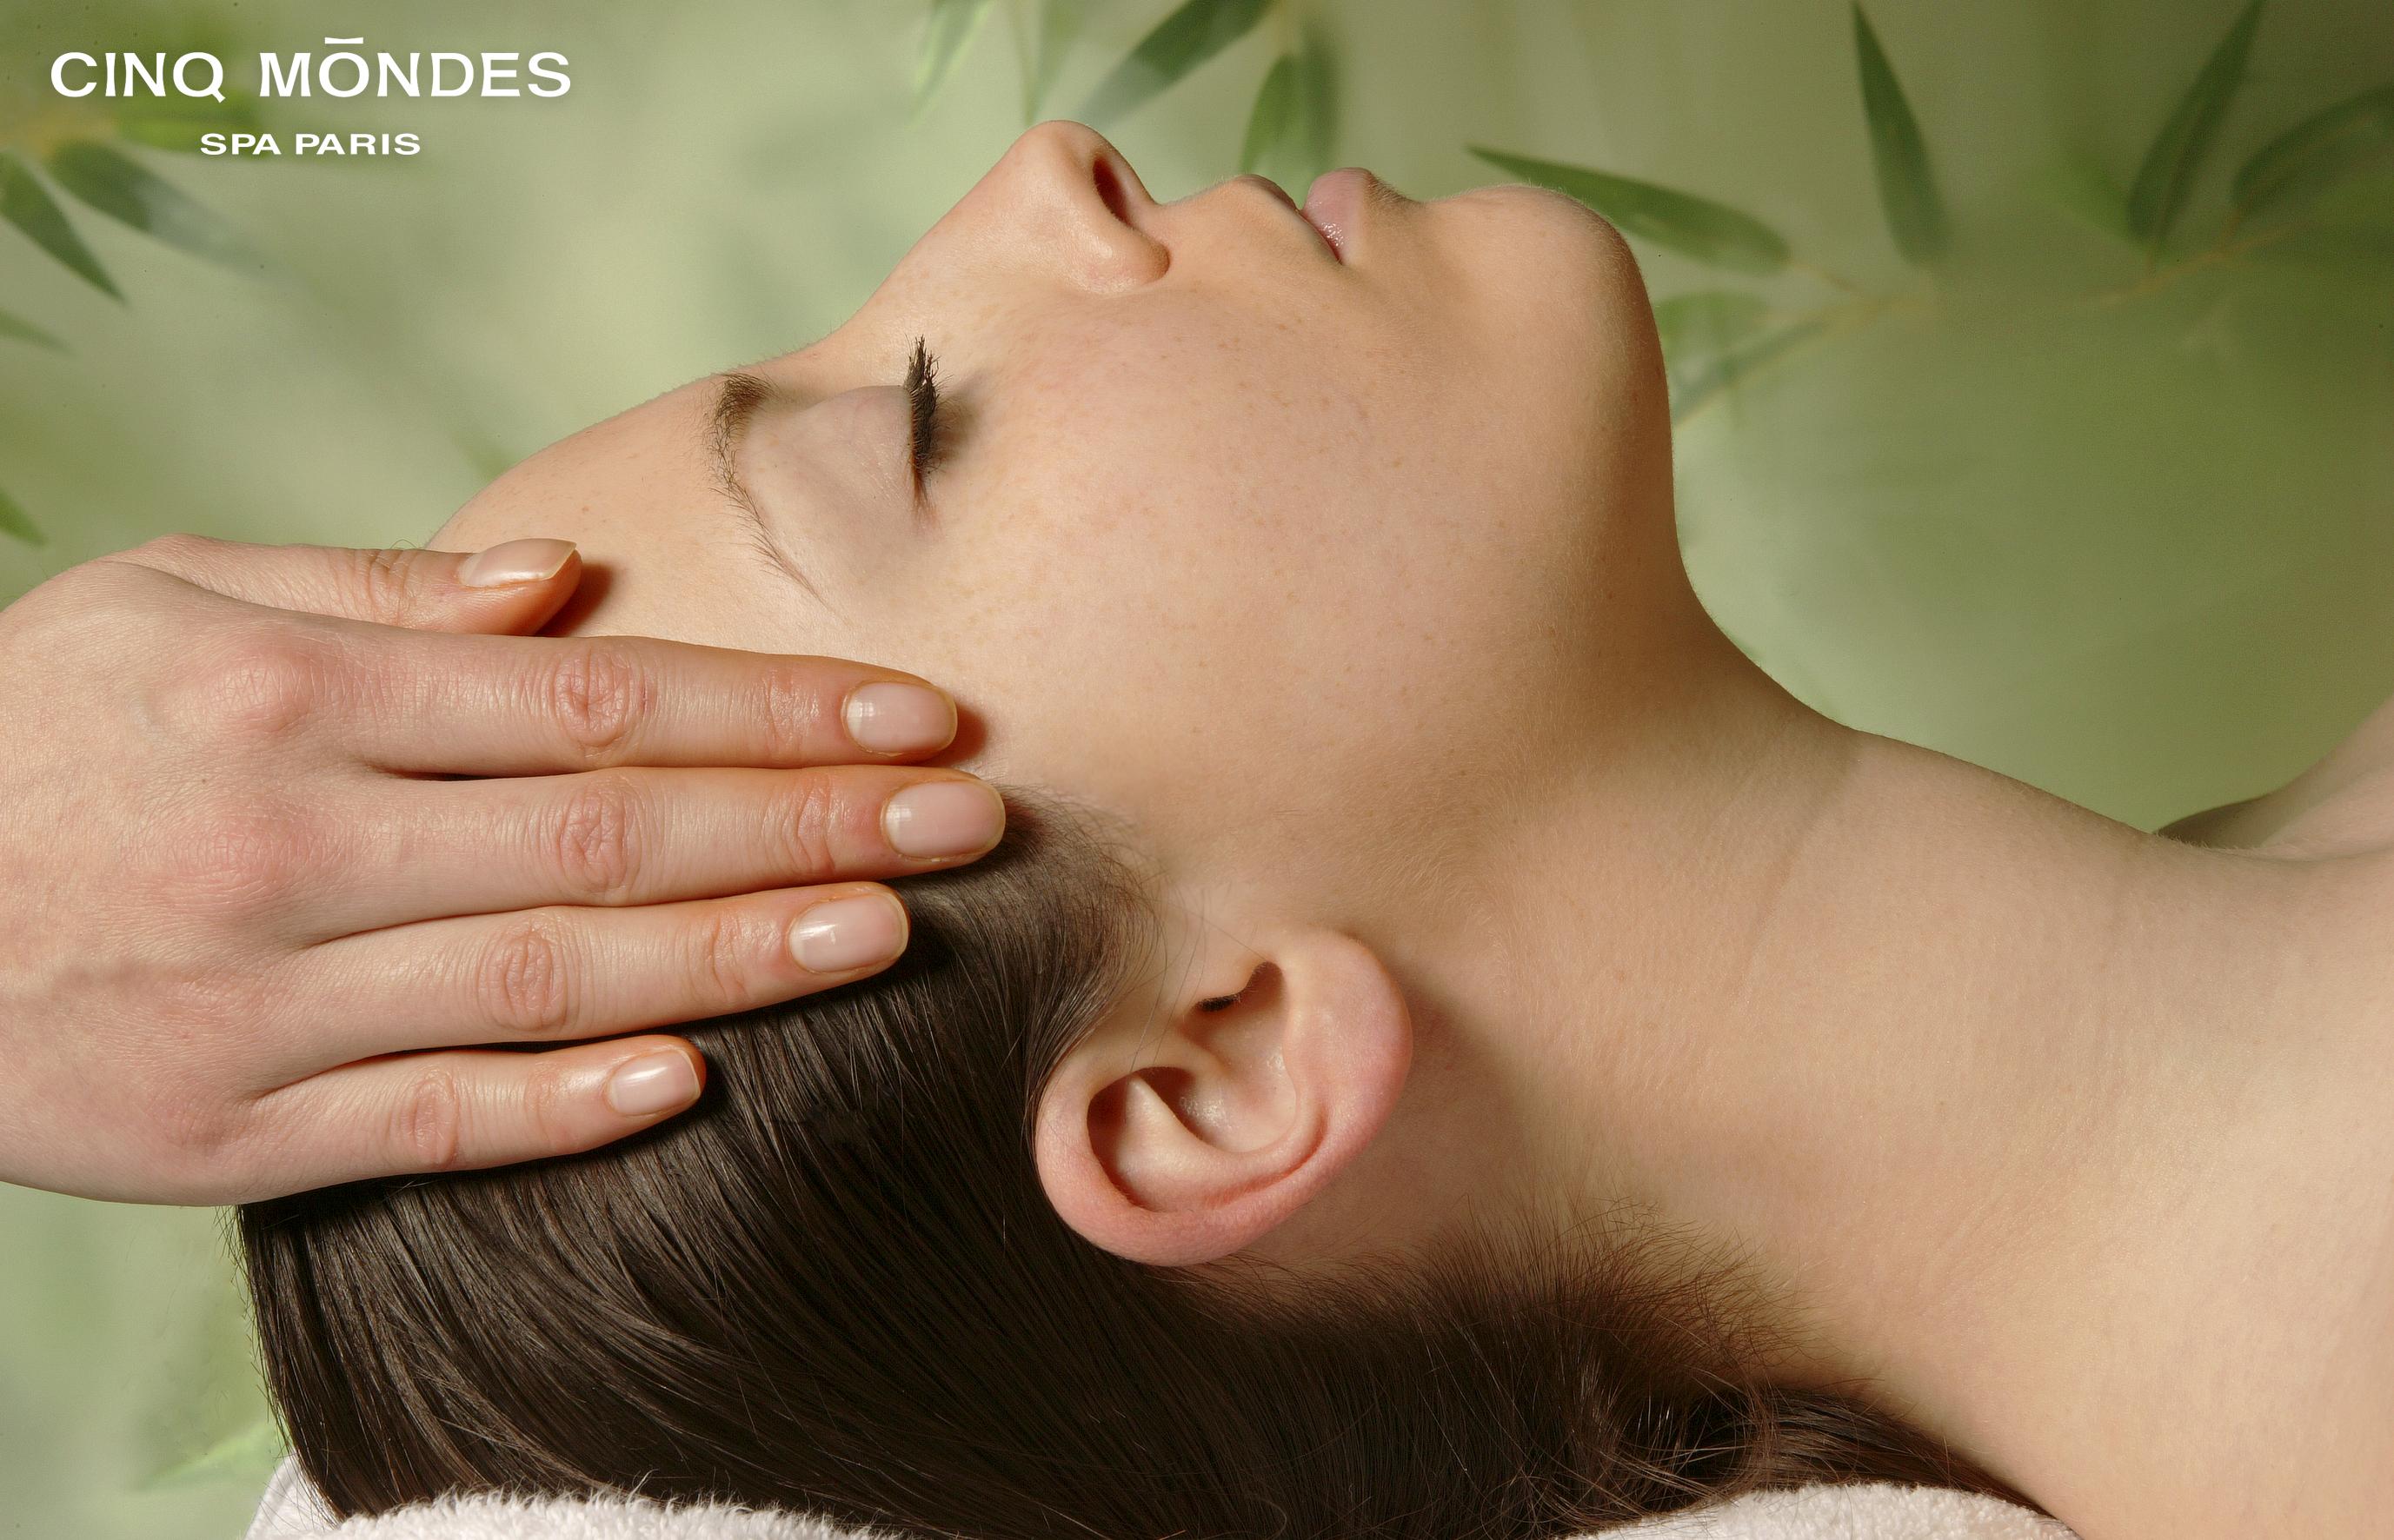 Les soins massage du visage Cinq Mondes proposés par Ty Détente vous apporteront éclat, hydratation, fermeté et pureté.